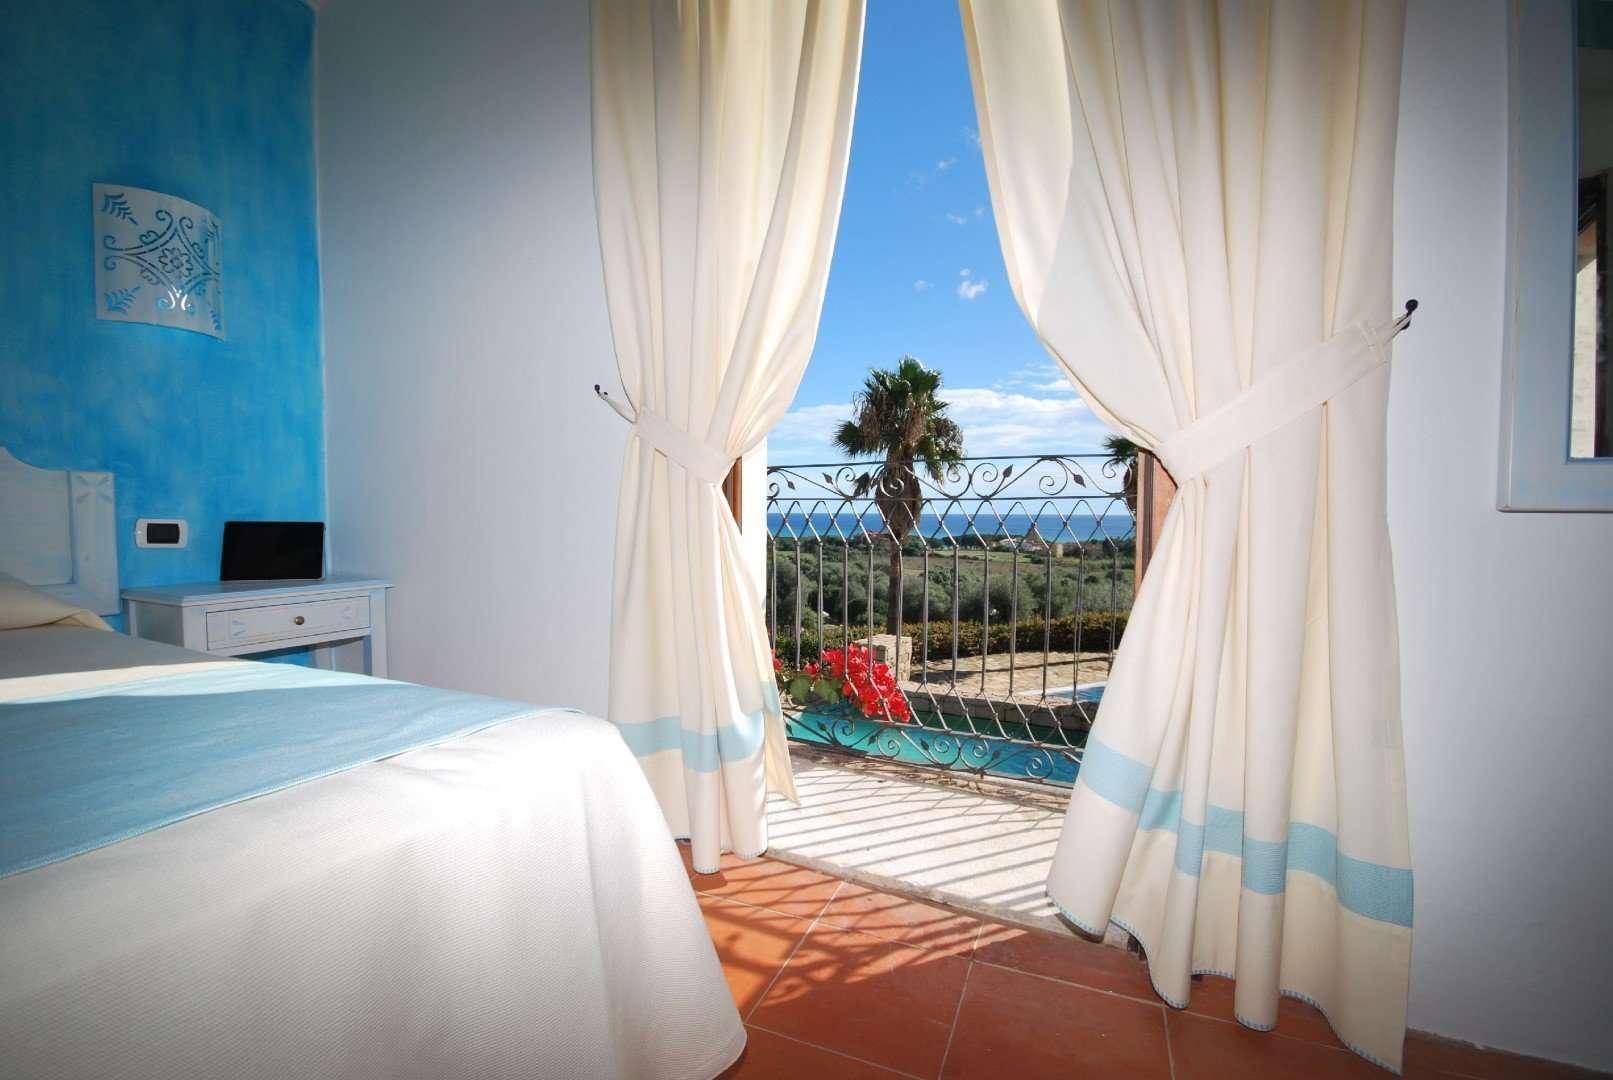 galanias hotel - sardinie -zeezicht vanuit kamer